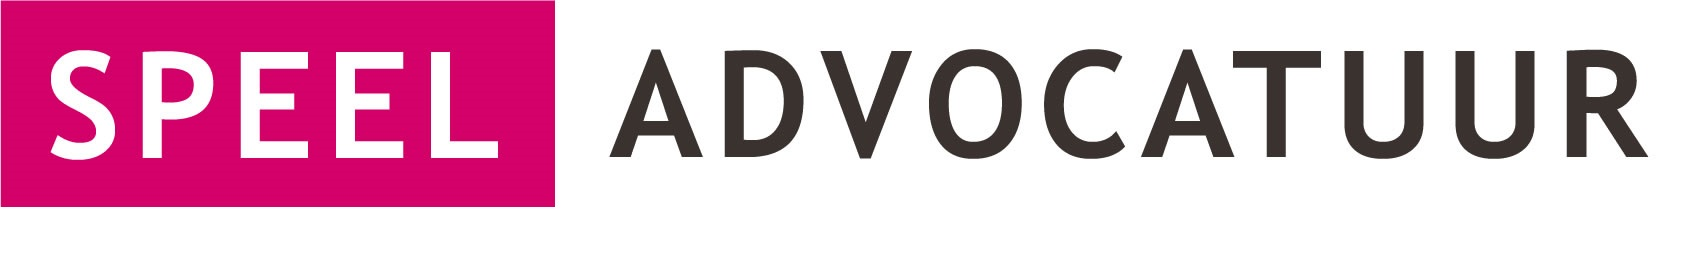 Speel_Advocatuur_Logo